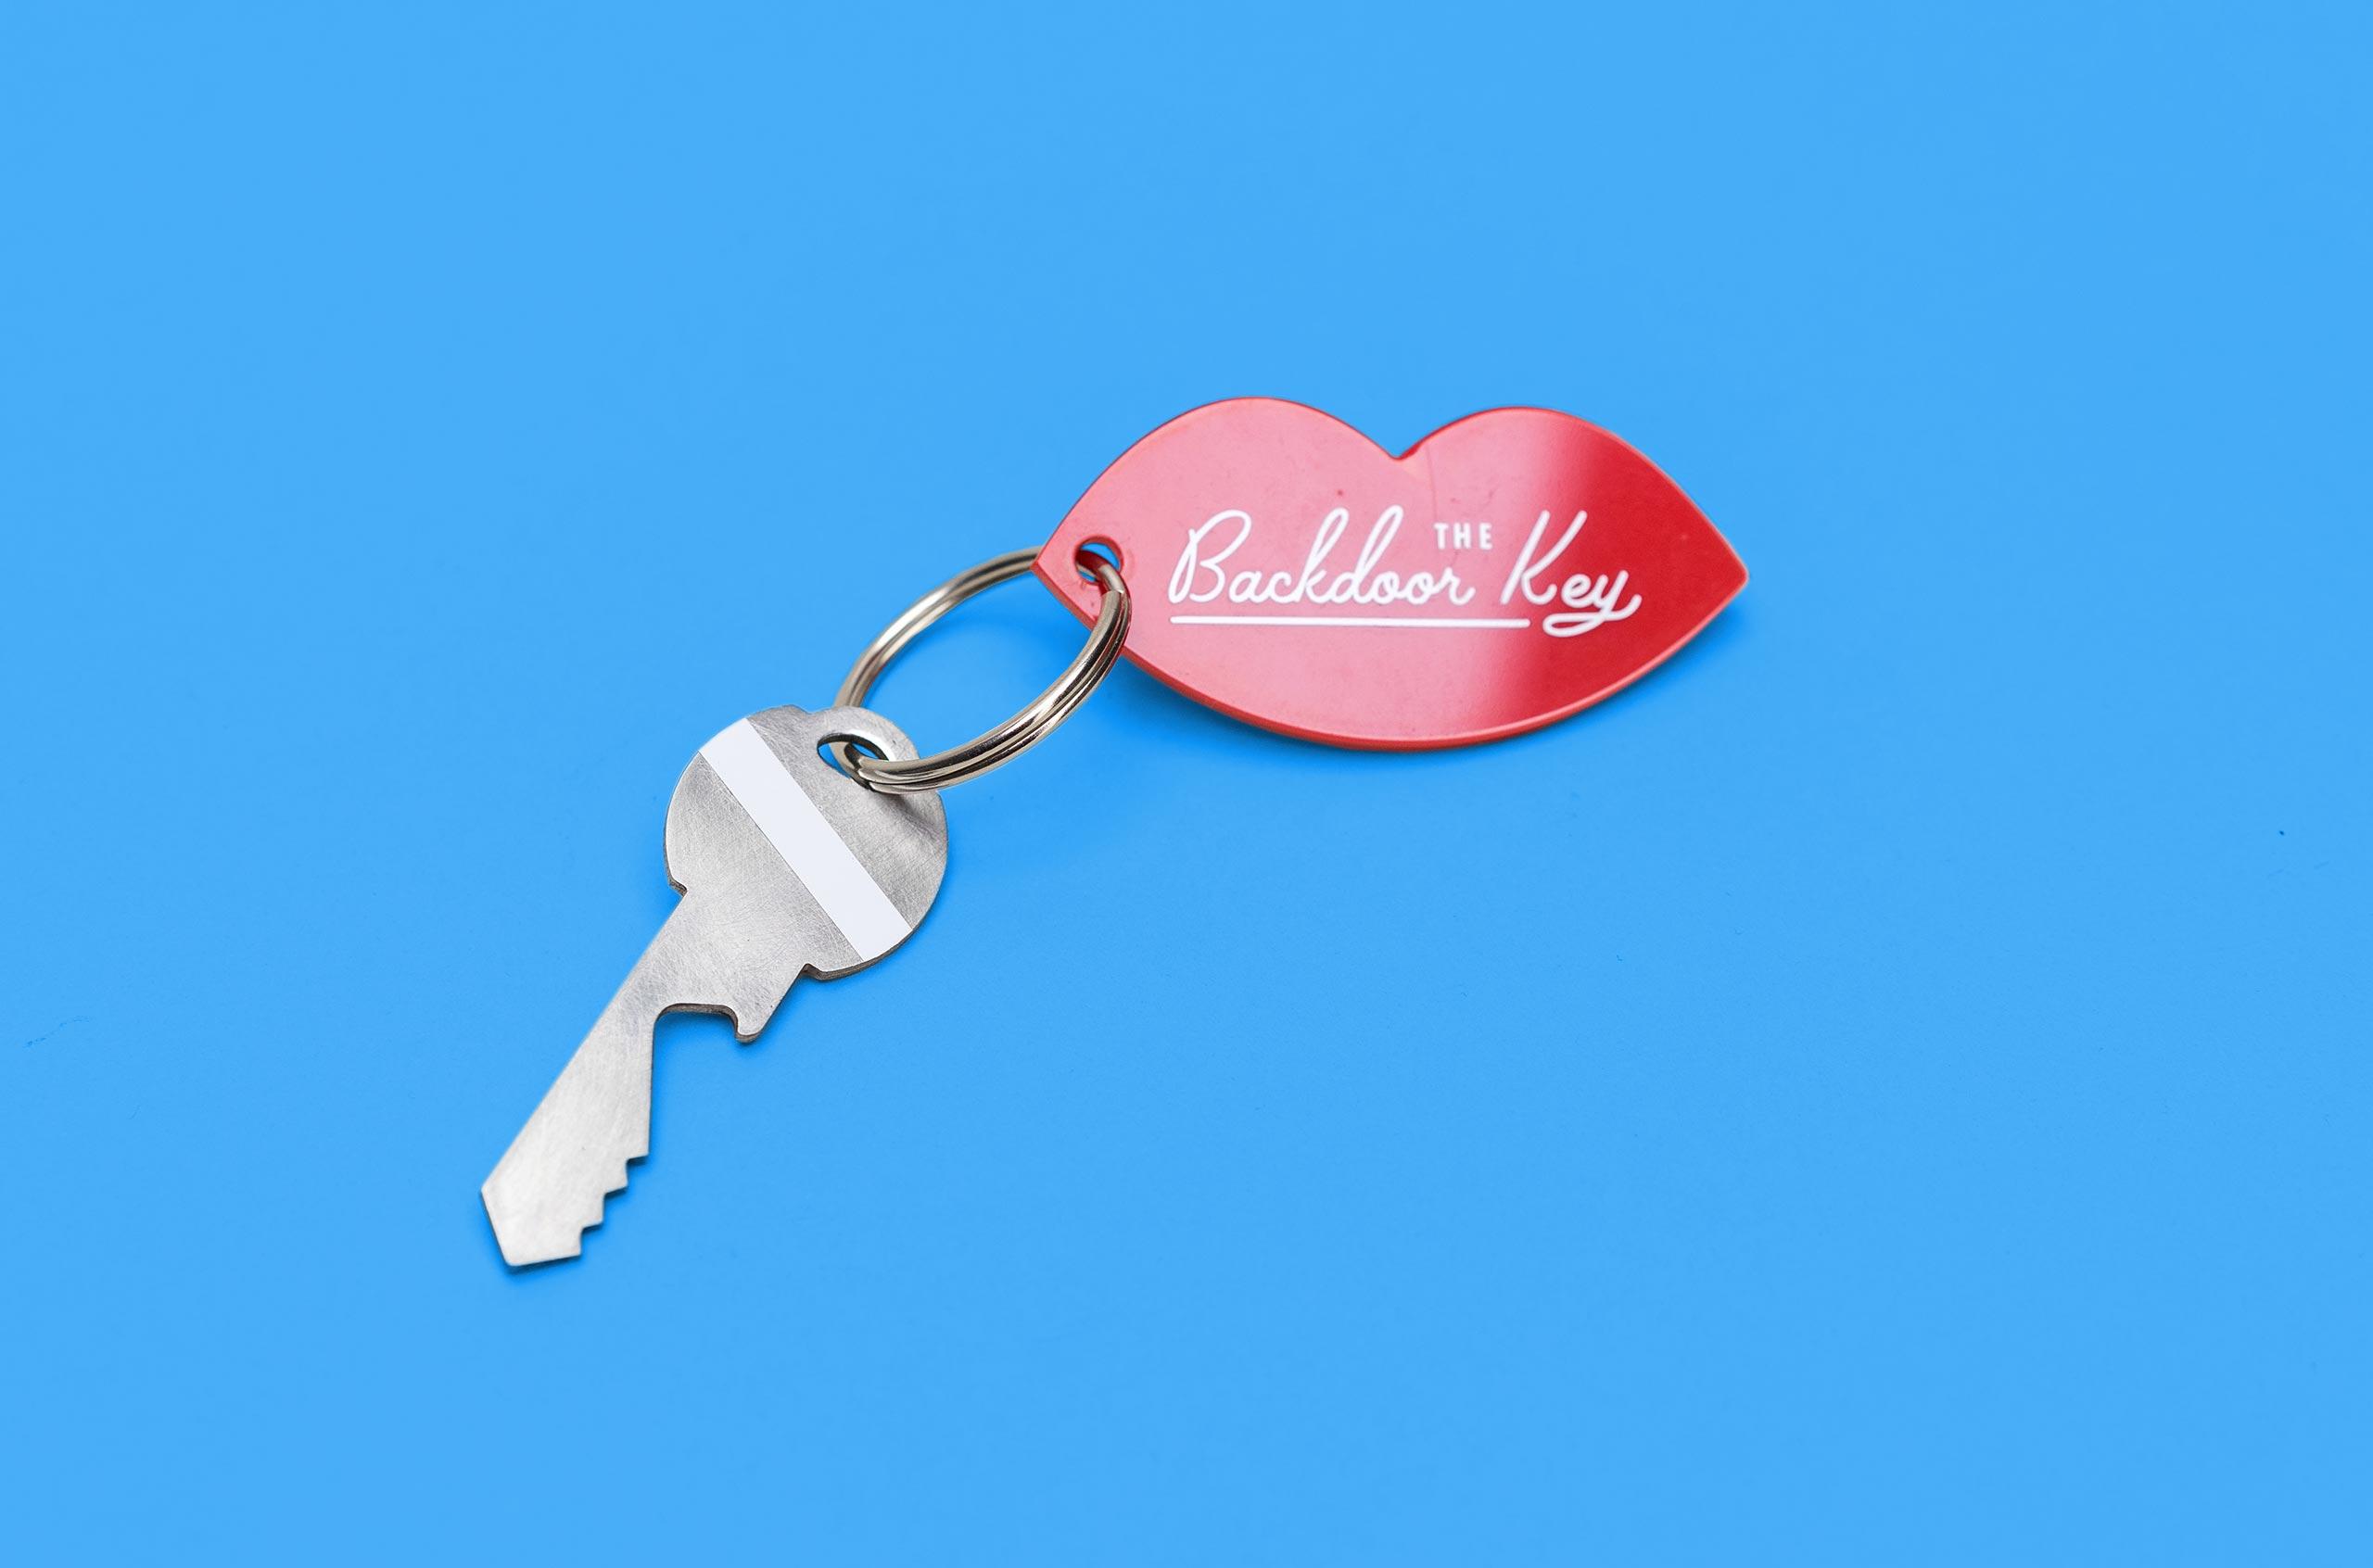 Lait_Key_1